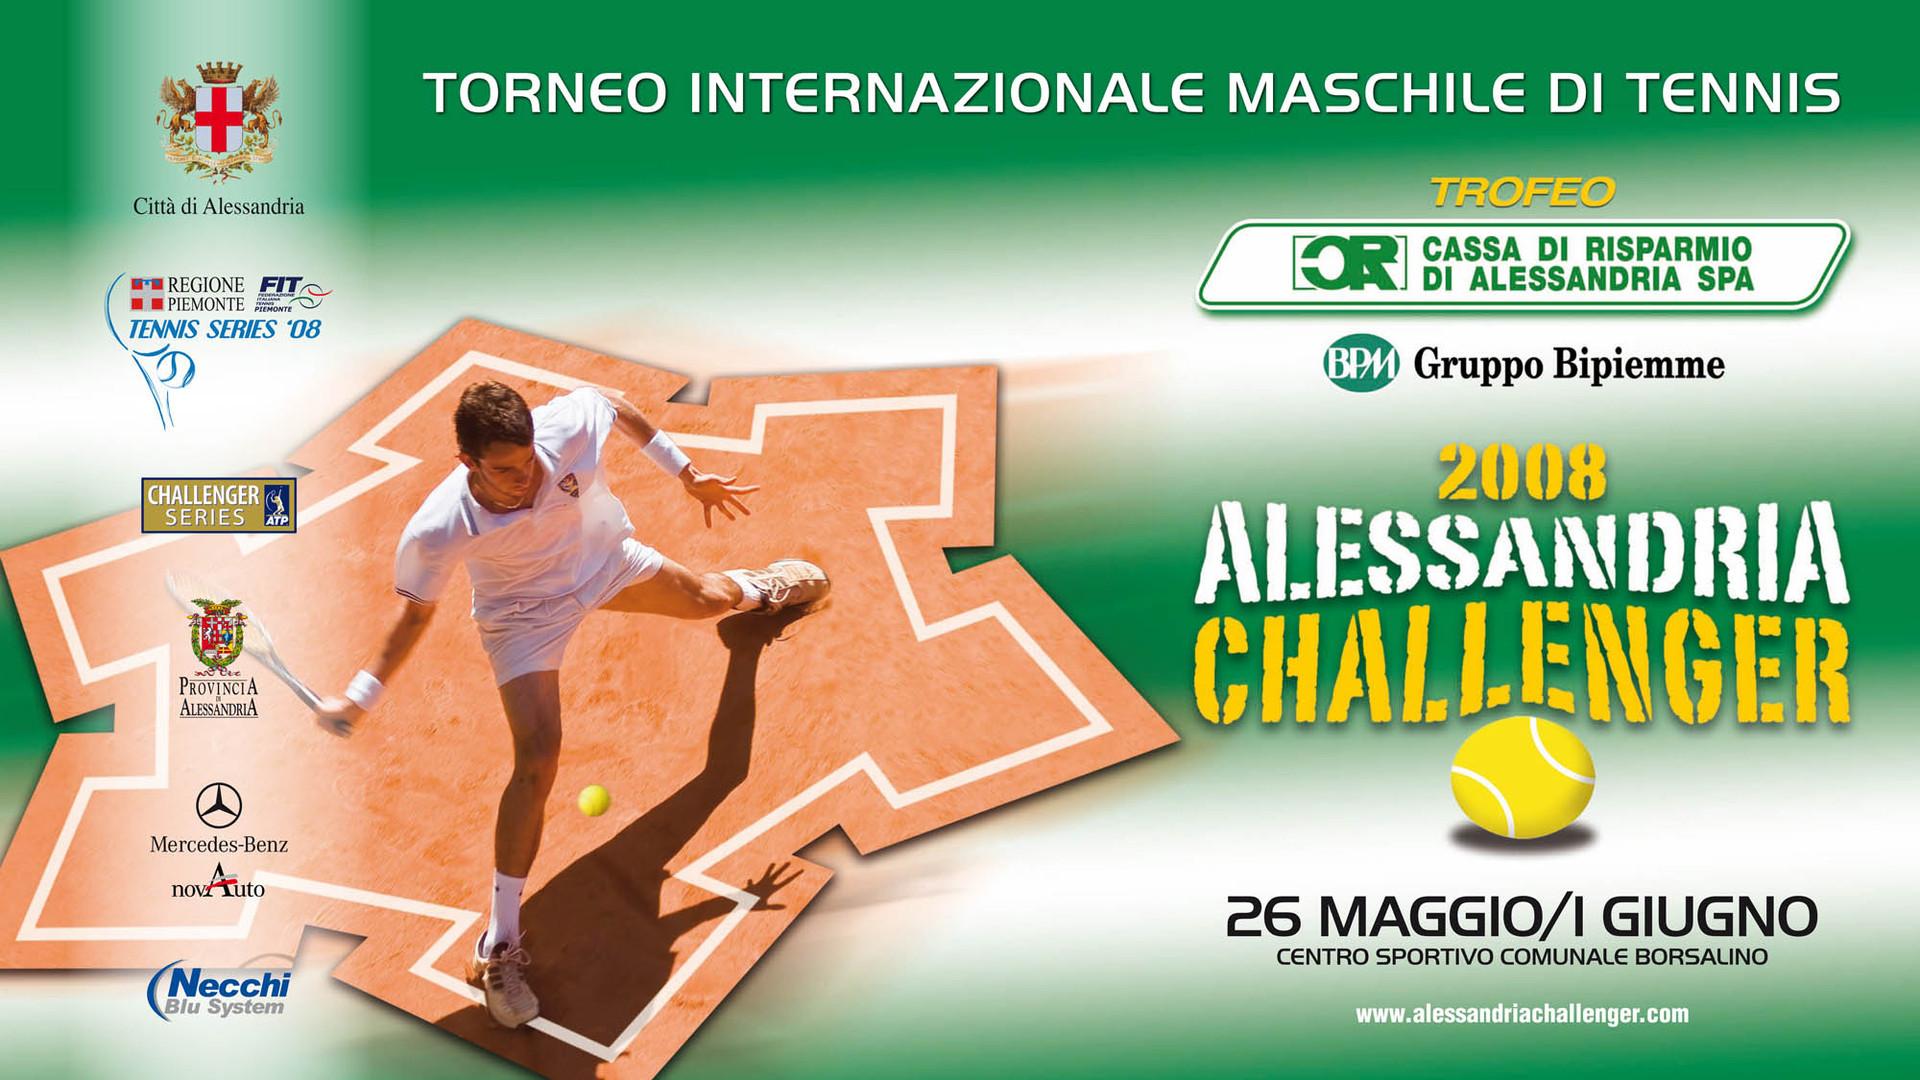 Torneo internazionale di Tennis, Alessandria